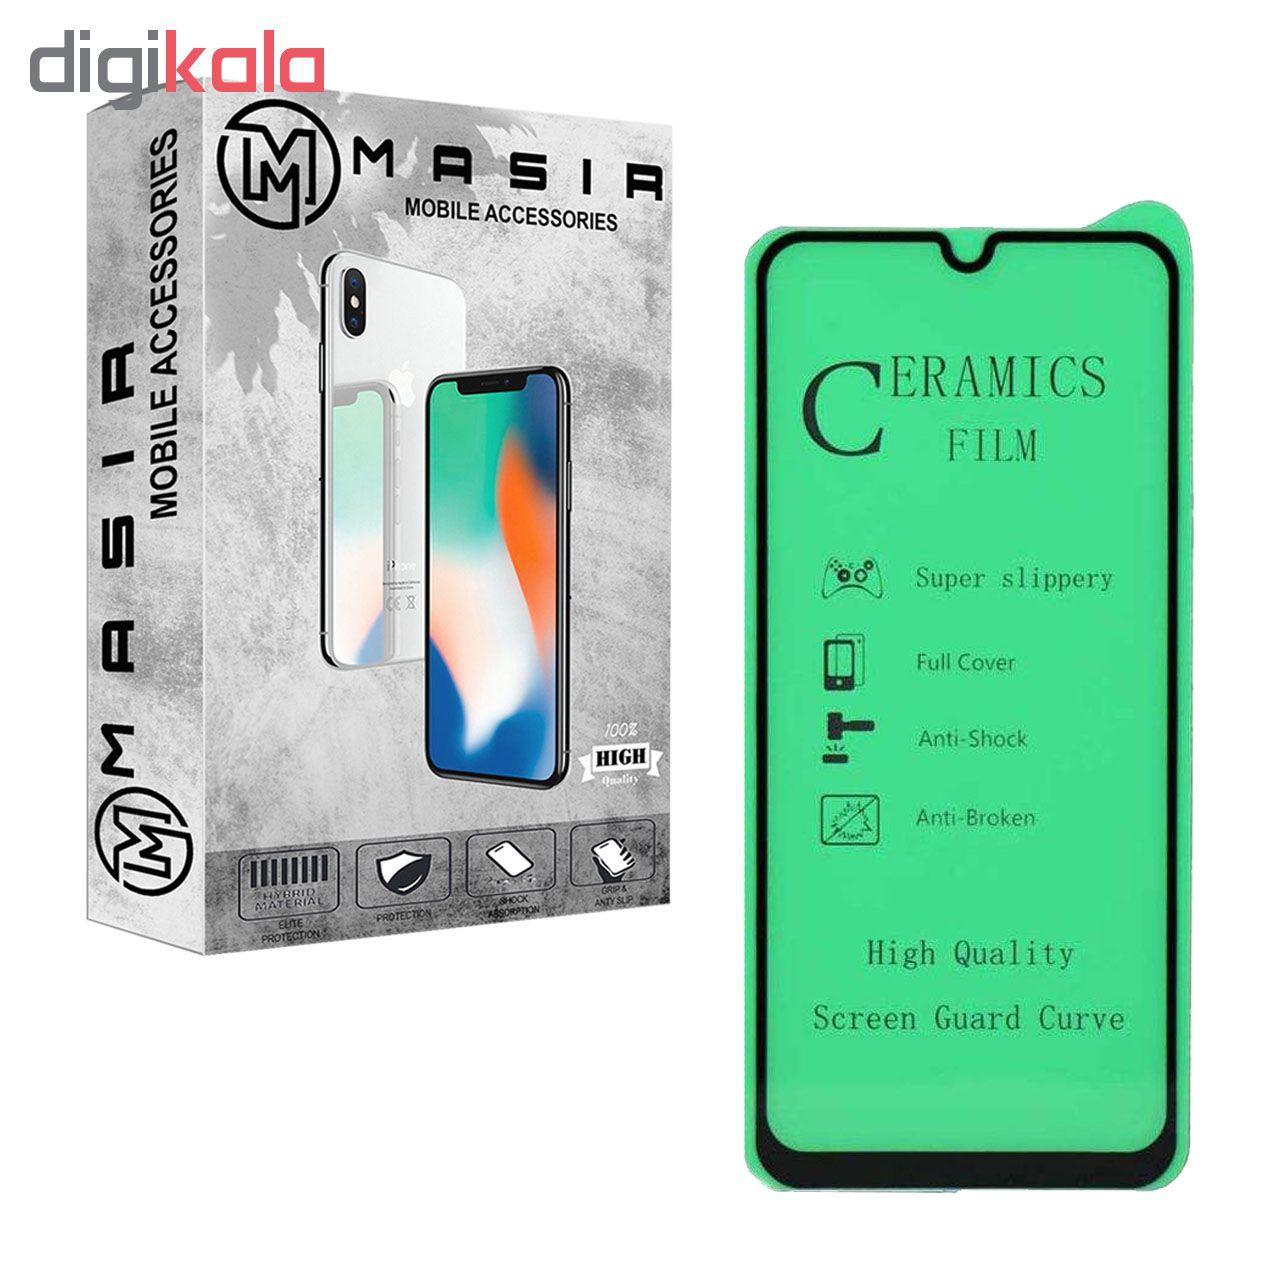 محافظ صفحه نمایش مسیر مدل MCRMC-1 مناسب برای گوشی موبایل شیائومی Redmi Note 7  main 1 3